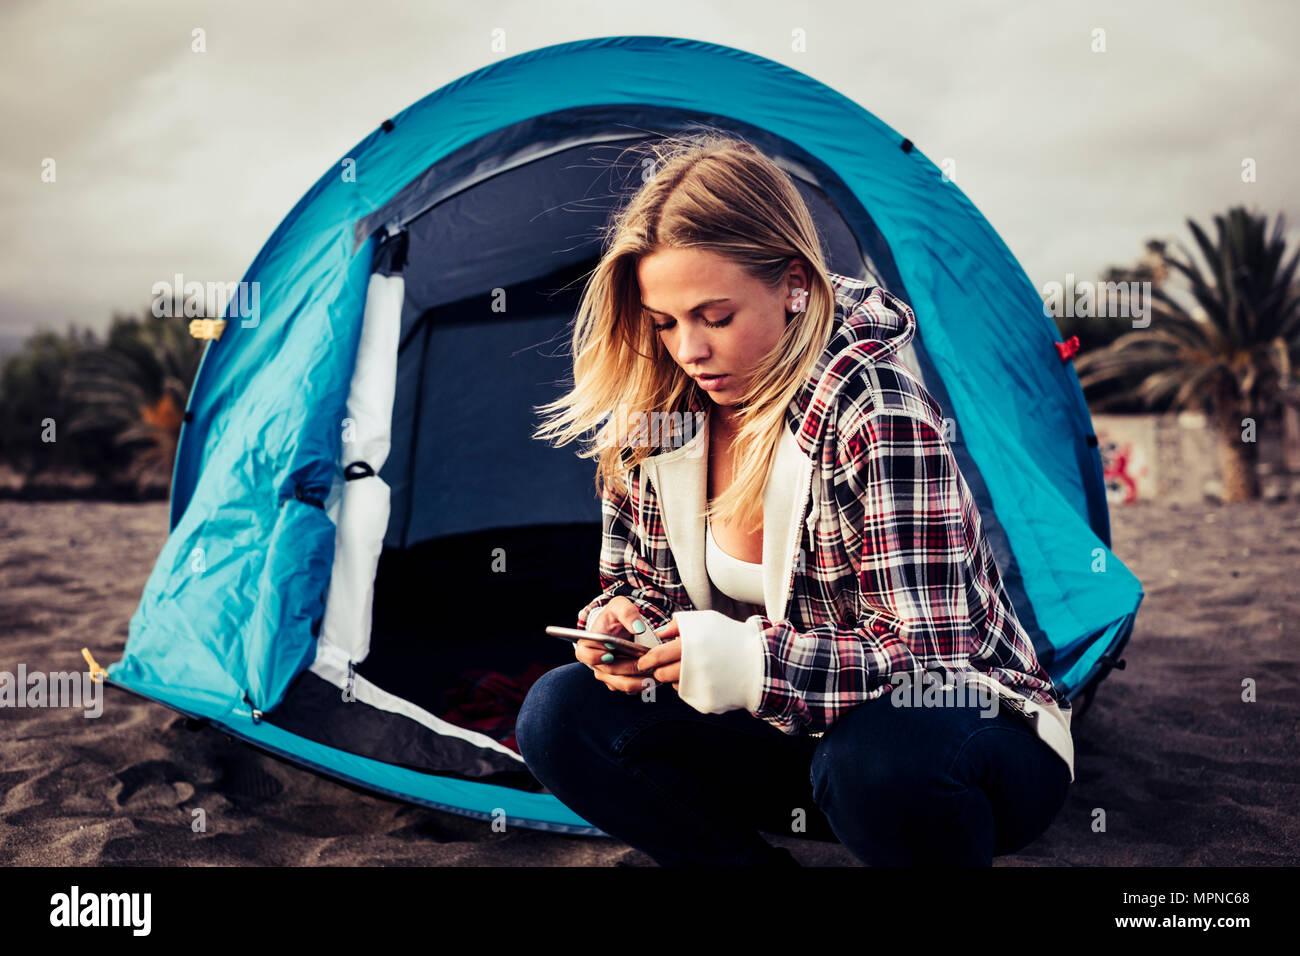 Toujours connecté avec la technologie blonde jeune femme rester hors de sa tente sur la plage pour profiter de la liberté du travail. Photo Stock